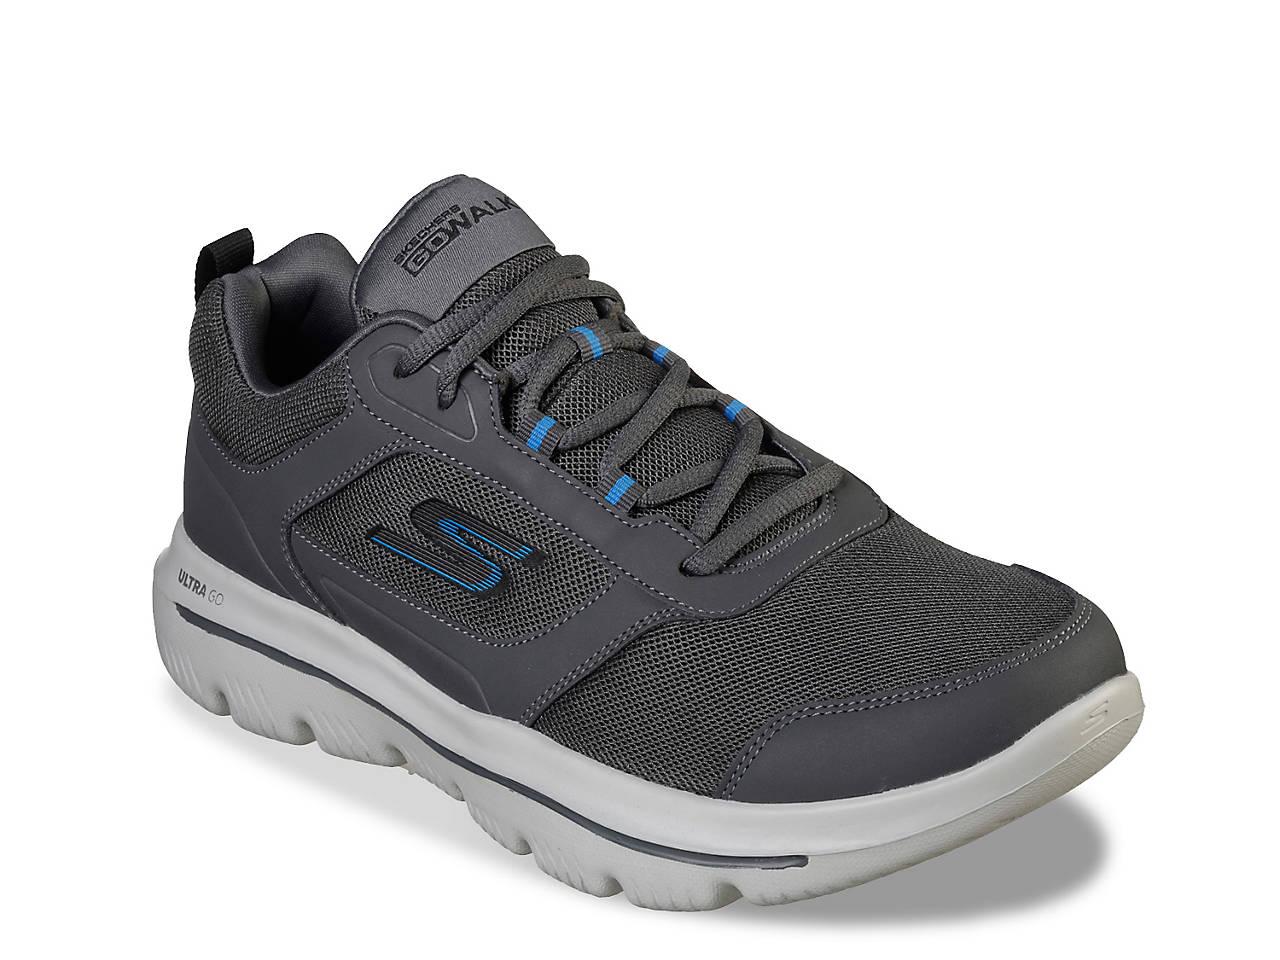 8a43fe4c678c8 GOwalk Evolution Ultra Enhance Sneaker - Men's